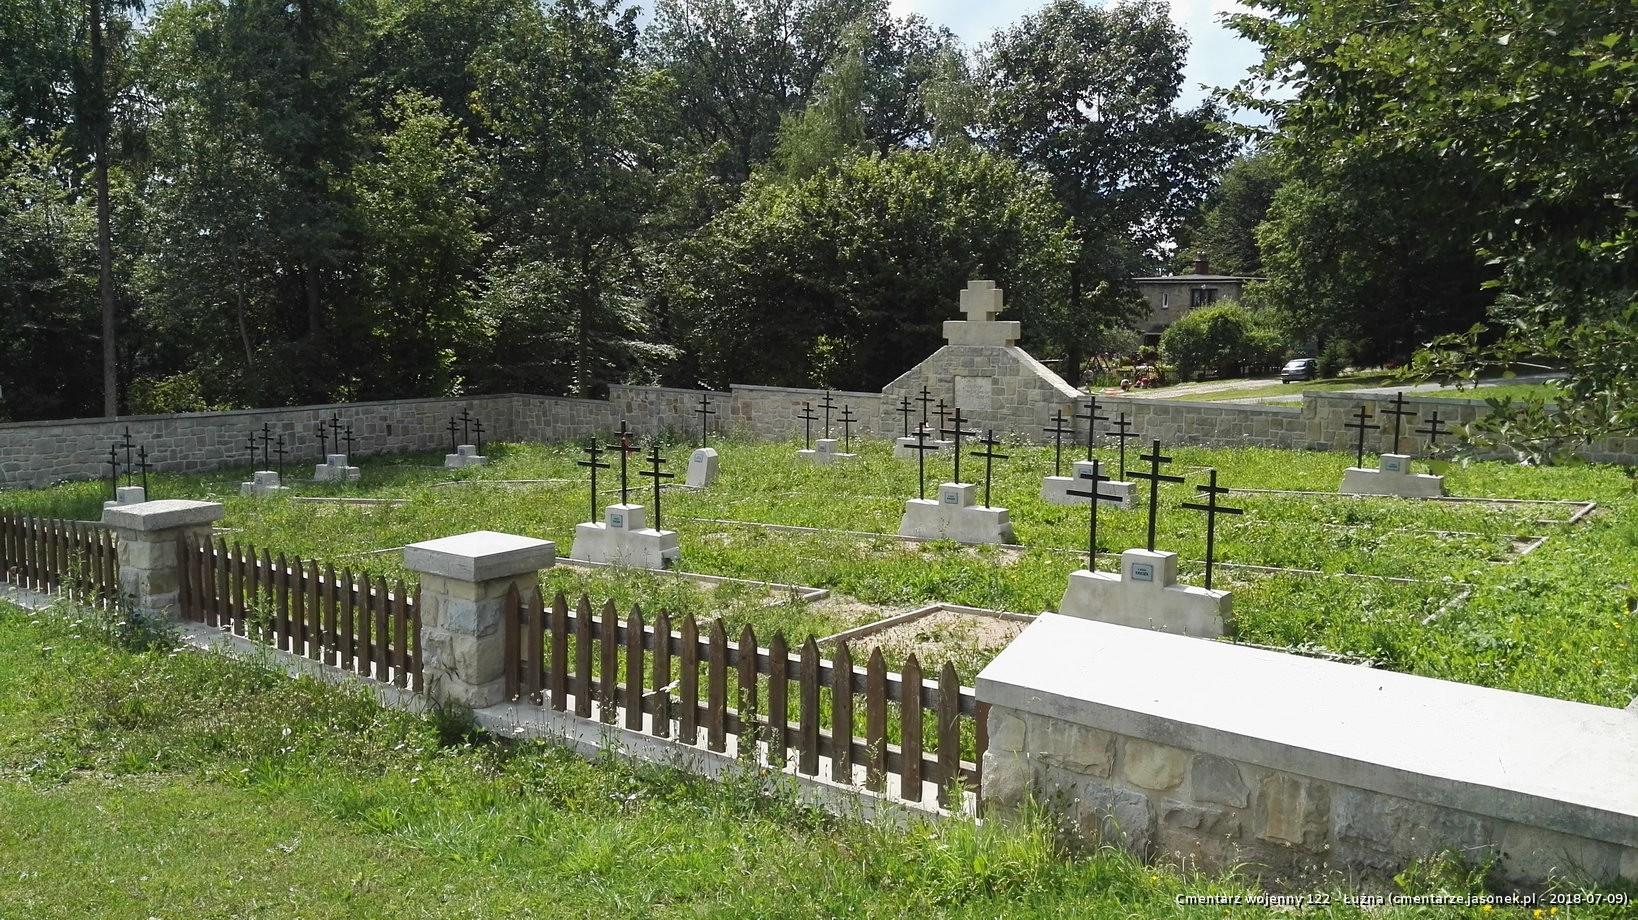 Cmentarz wojenny 122 - Łużna